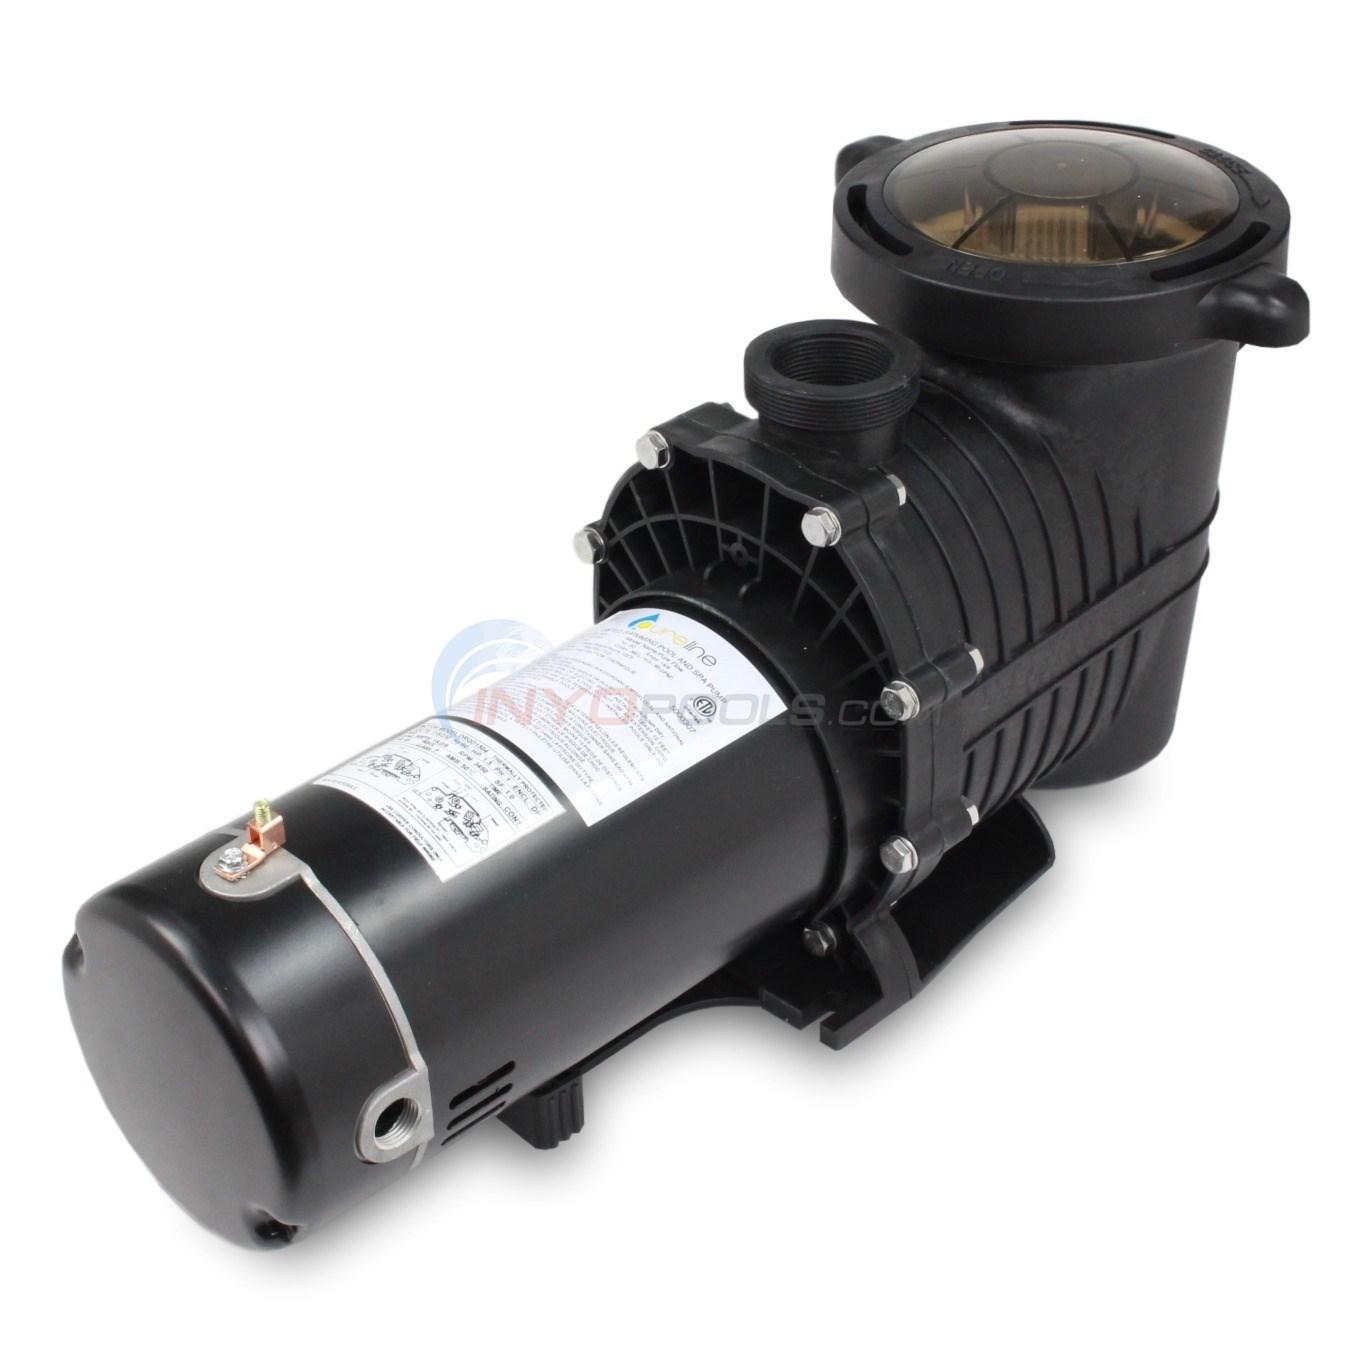 pureline 1 5 h p in ground pool pump pl1601 inyopools com rh inyopools com Intex Pool Pump Wiring Diagram Wiring 220 Volt Pool Pump